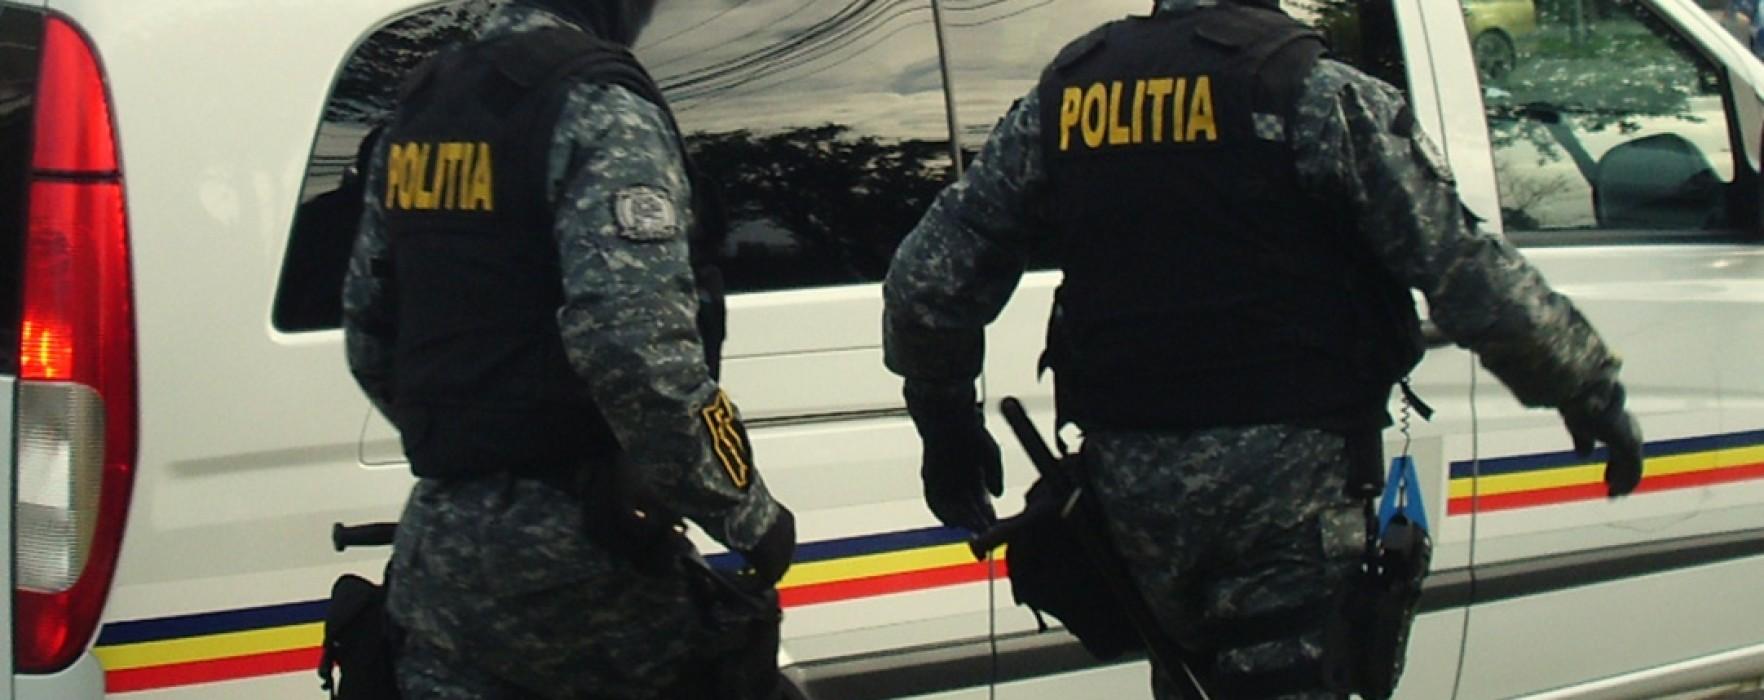 Poliţia Dâmboviţa: Percheziţii la persoane bănuite de evaziune fiscală; prejudiciu peste 820.000 de lei